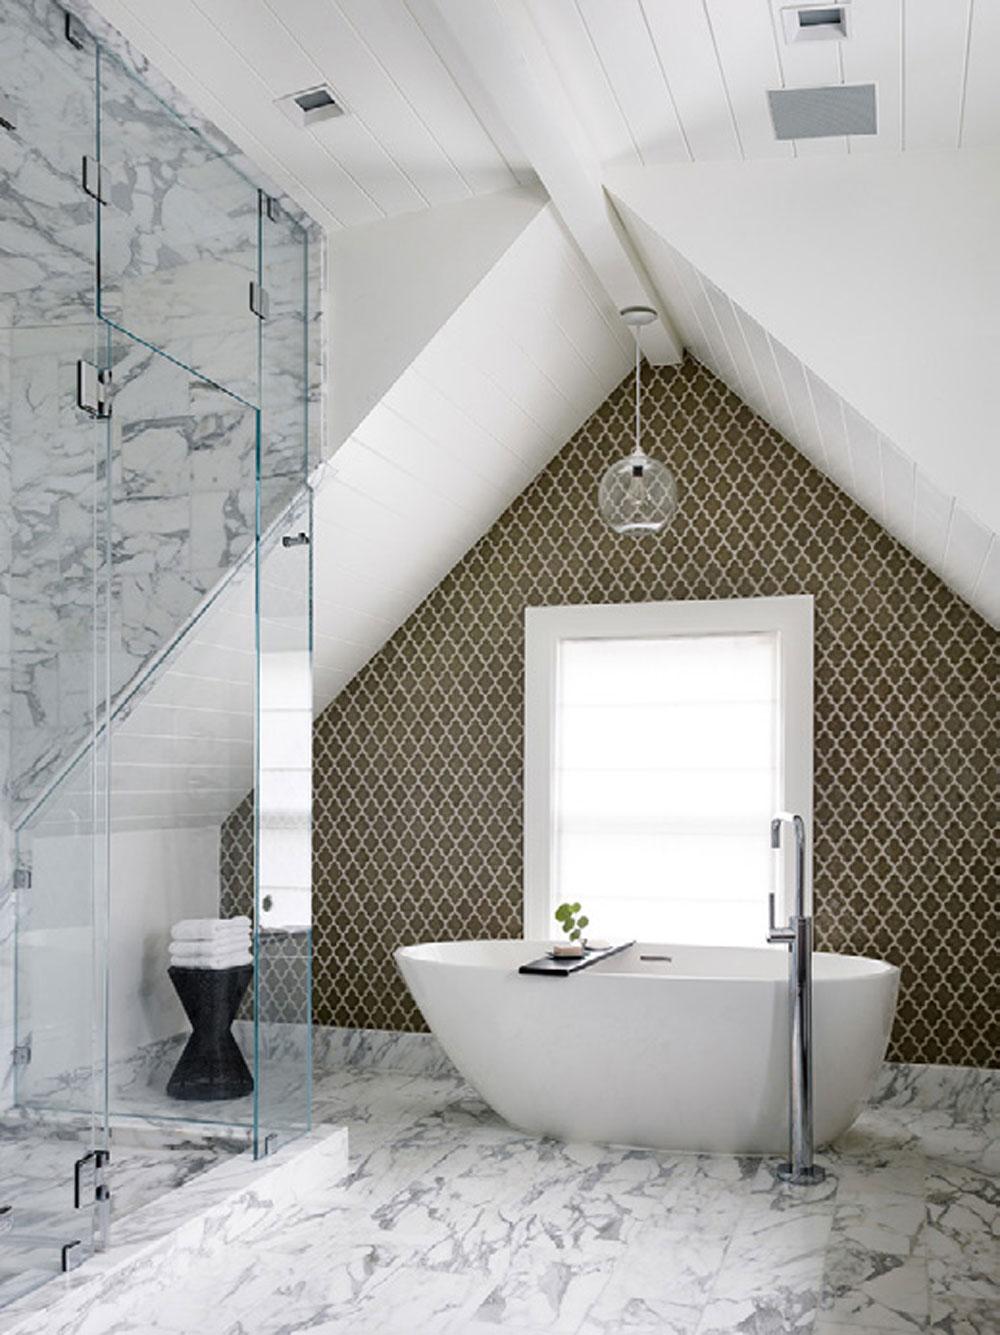 A-samling-av-badrum-golv-kakel-idéer-10 En samling av badrum-golv-kakel-idéer